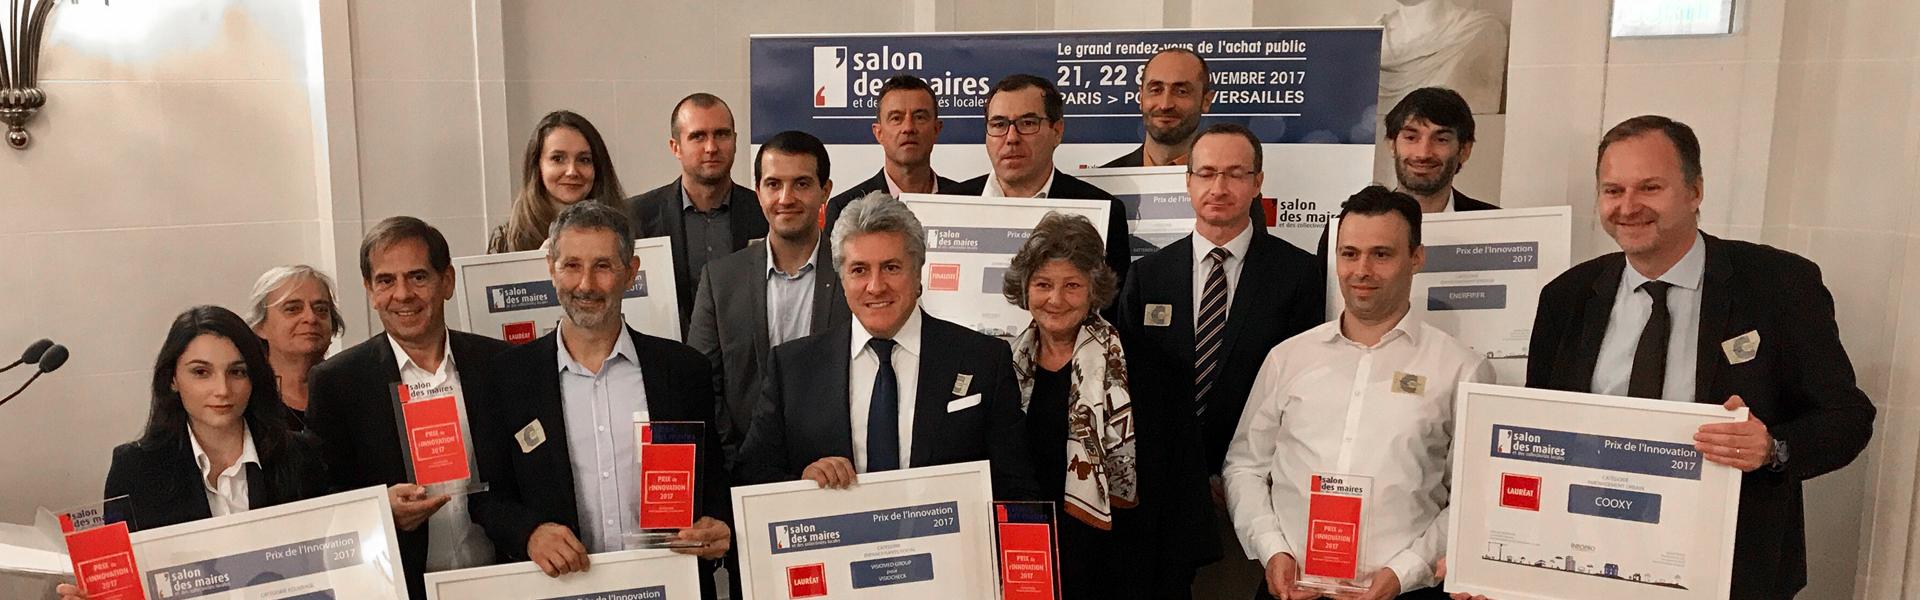 Visiocheck prix de l innovation du salon des maires for Salon de l innovation